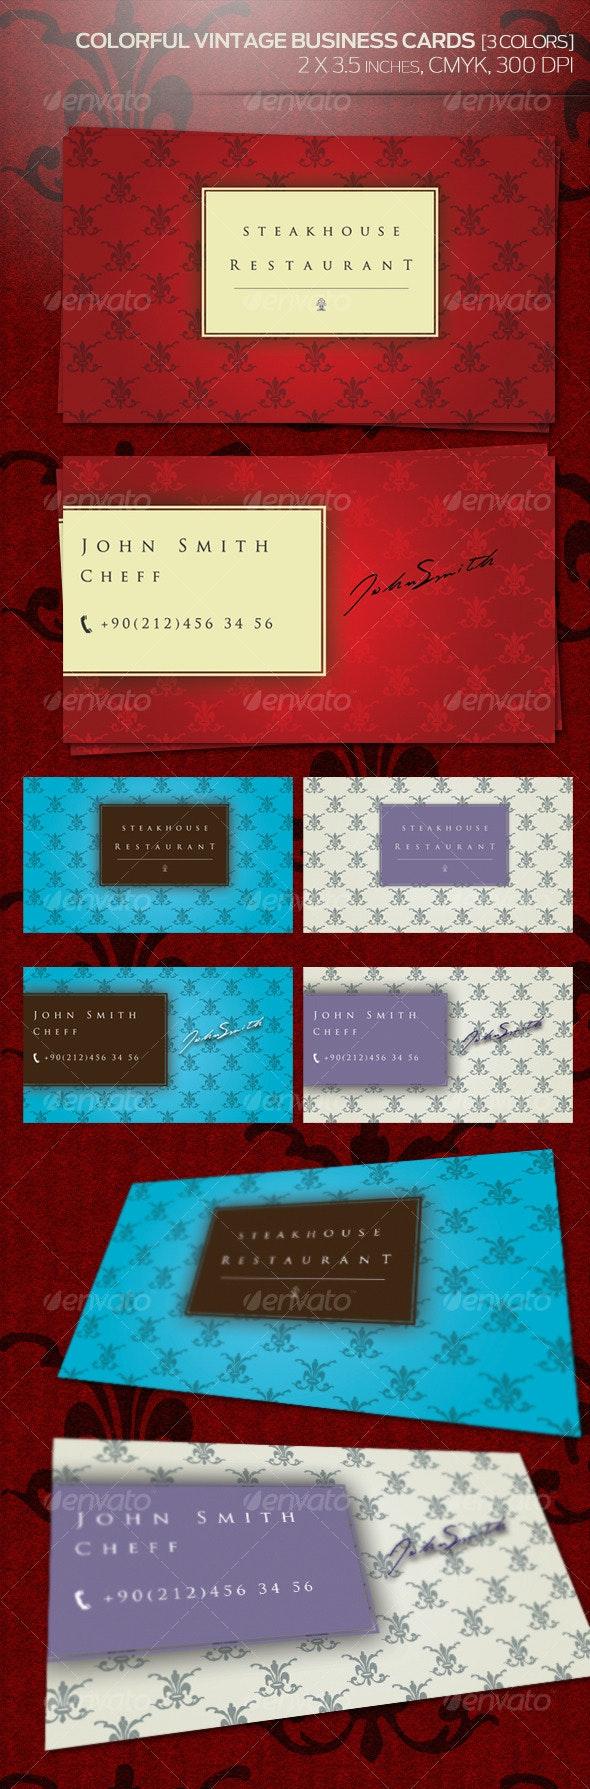 Colorful Vintage Business Cards (3 Colors) - Retro/Vintage Business Cards